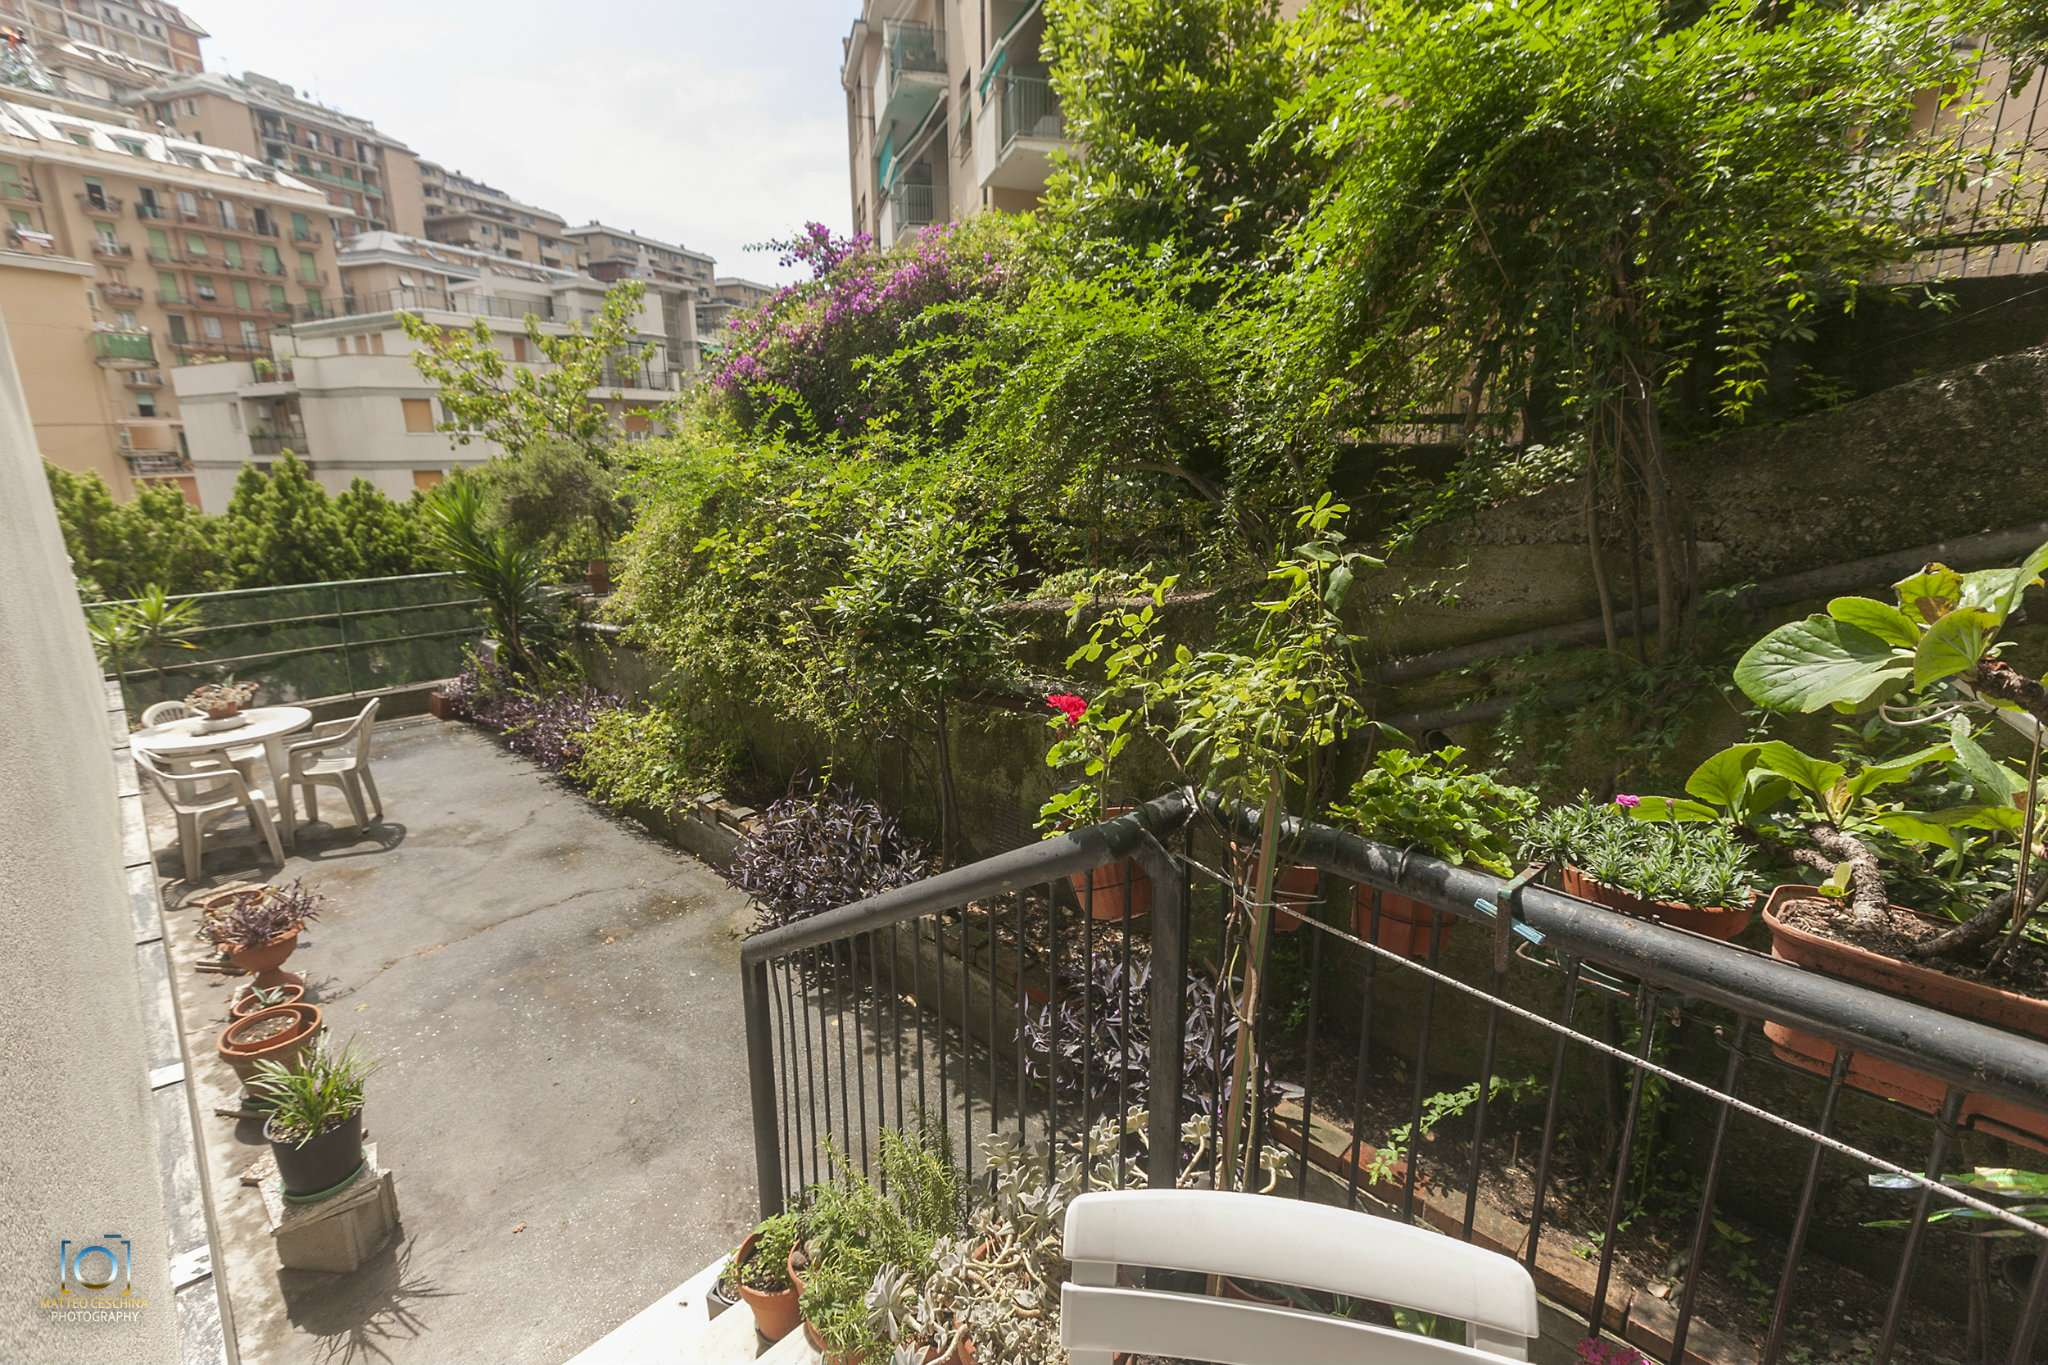 Appartamento con giardino privato a genova pag 3 - Appartamento con giardino genova ...